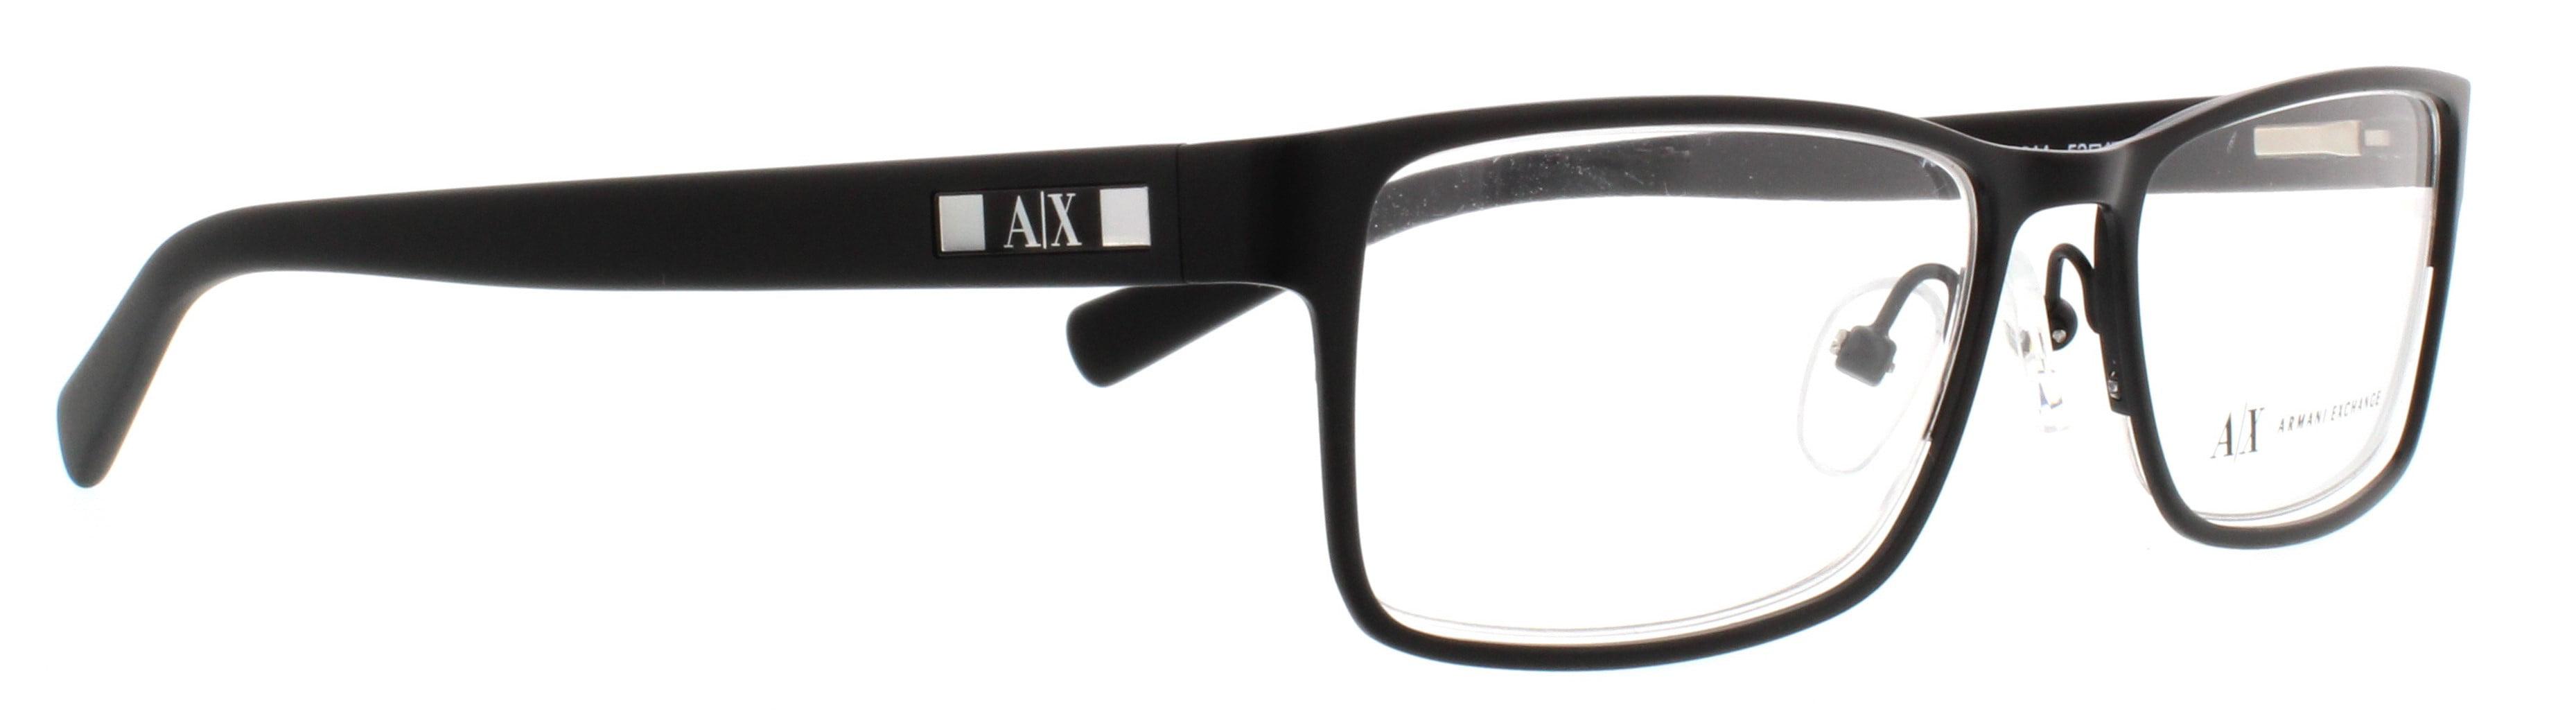 6beb2cf07bb6 ARMANI EXCHANGE Eyeglasses AX 1003 6014 Satin Black 52MM - Walmart.com